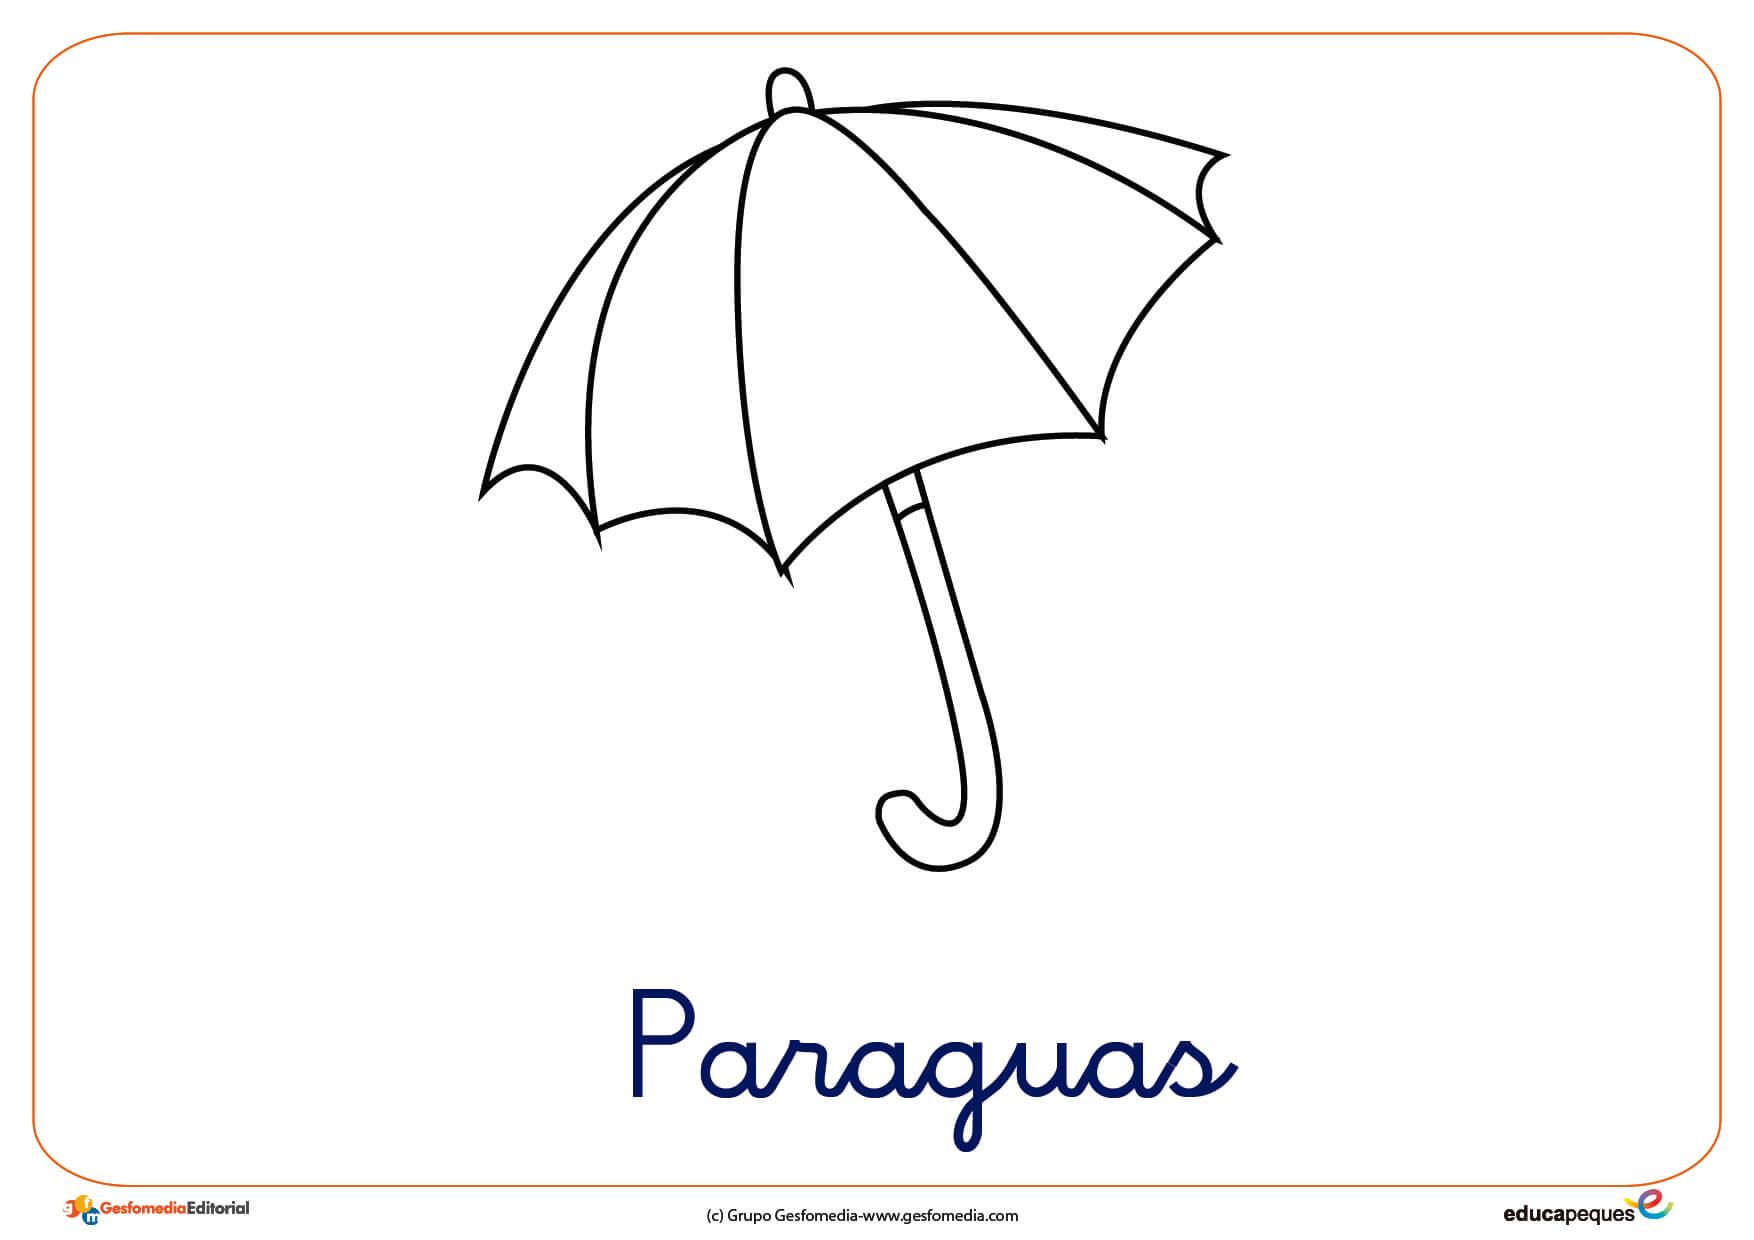 Dibujos De Ropa Para Colorear E Imprimir: Paraguas Ficha Ropa Invierno Colorear